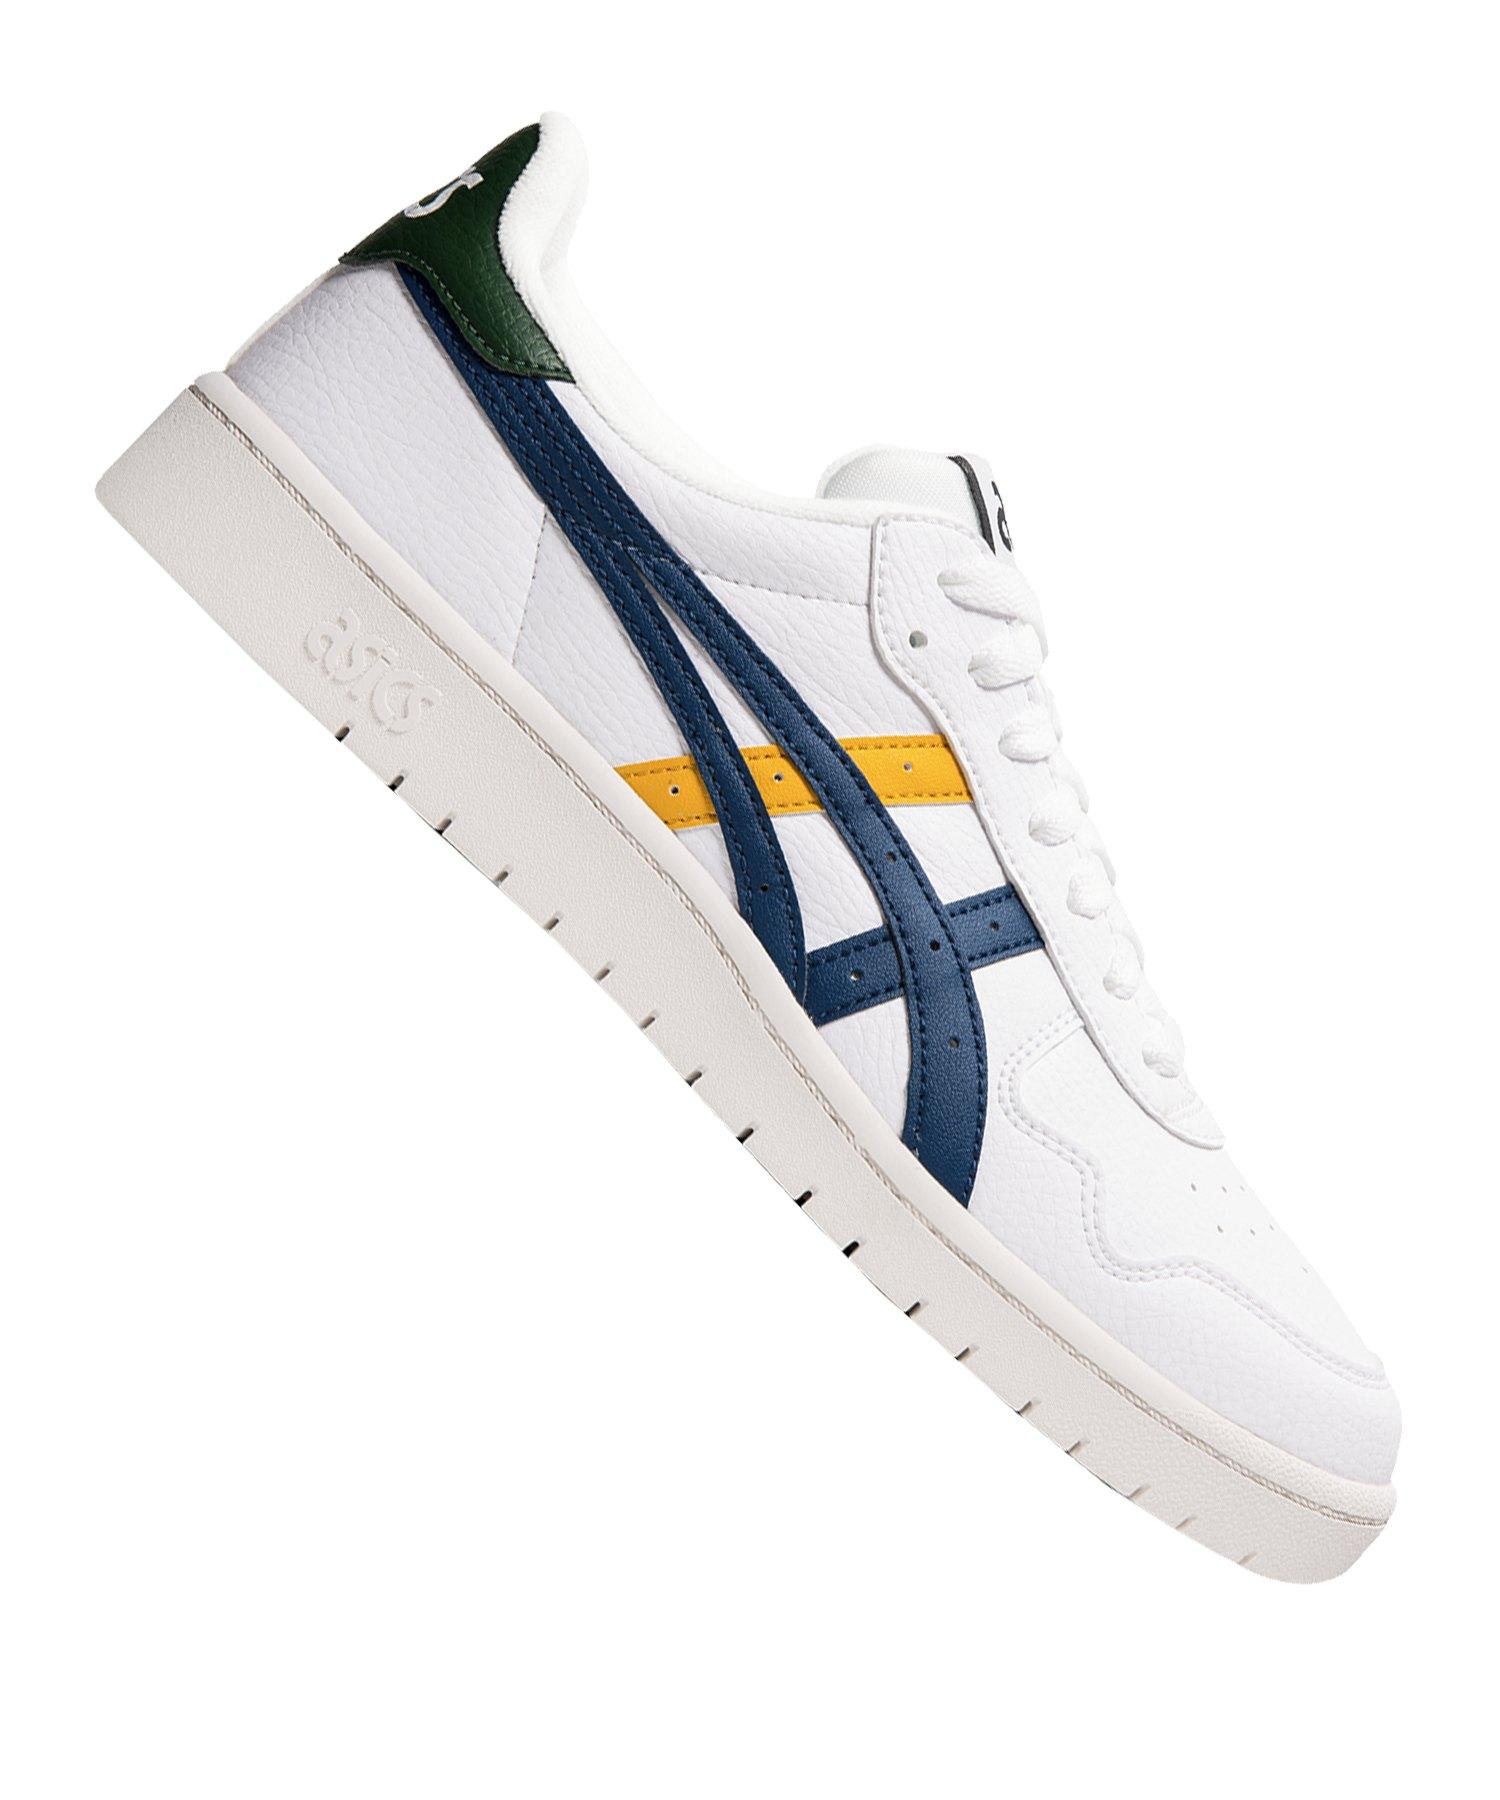 Asics Japan S Sneaker Weiss F100 - weiss